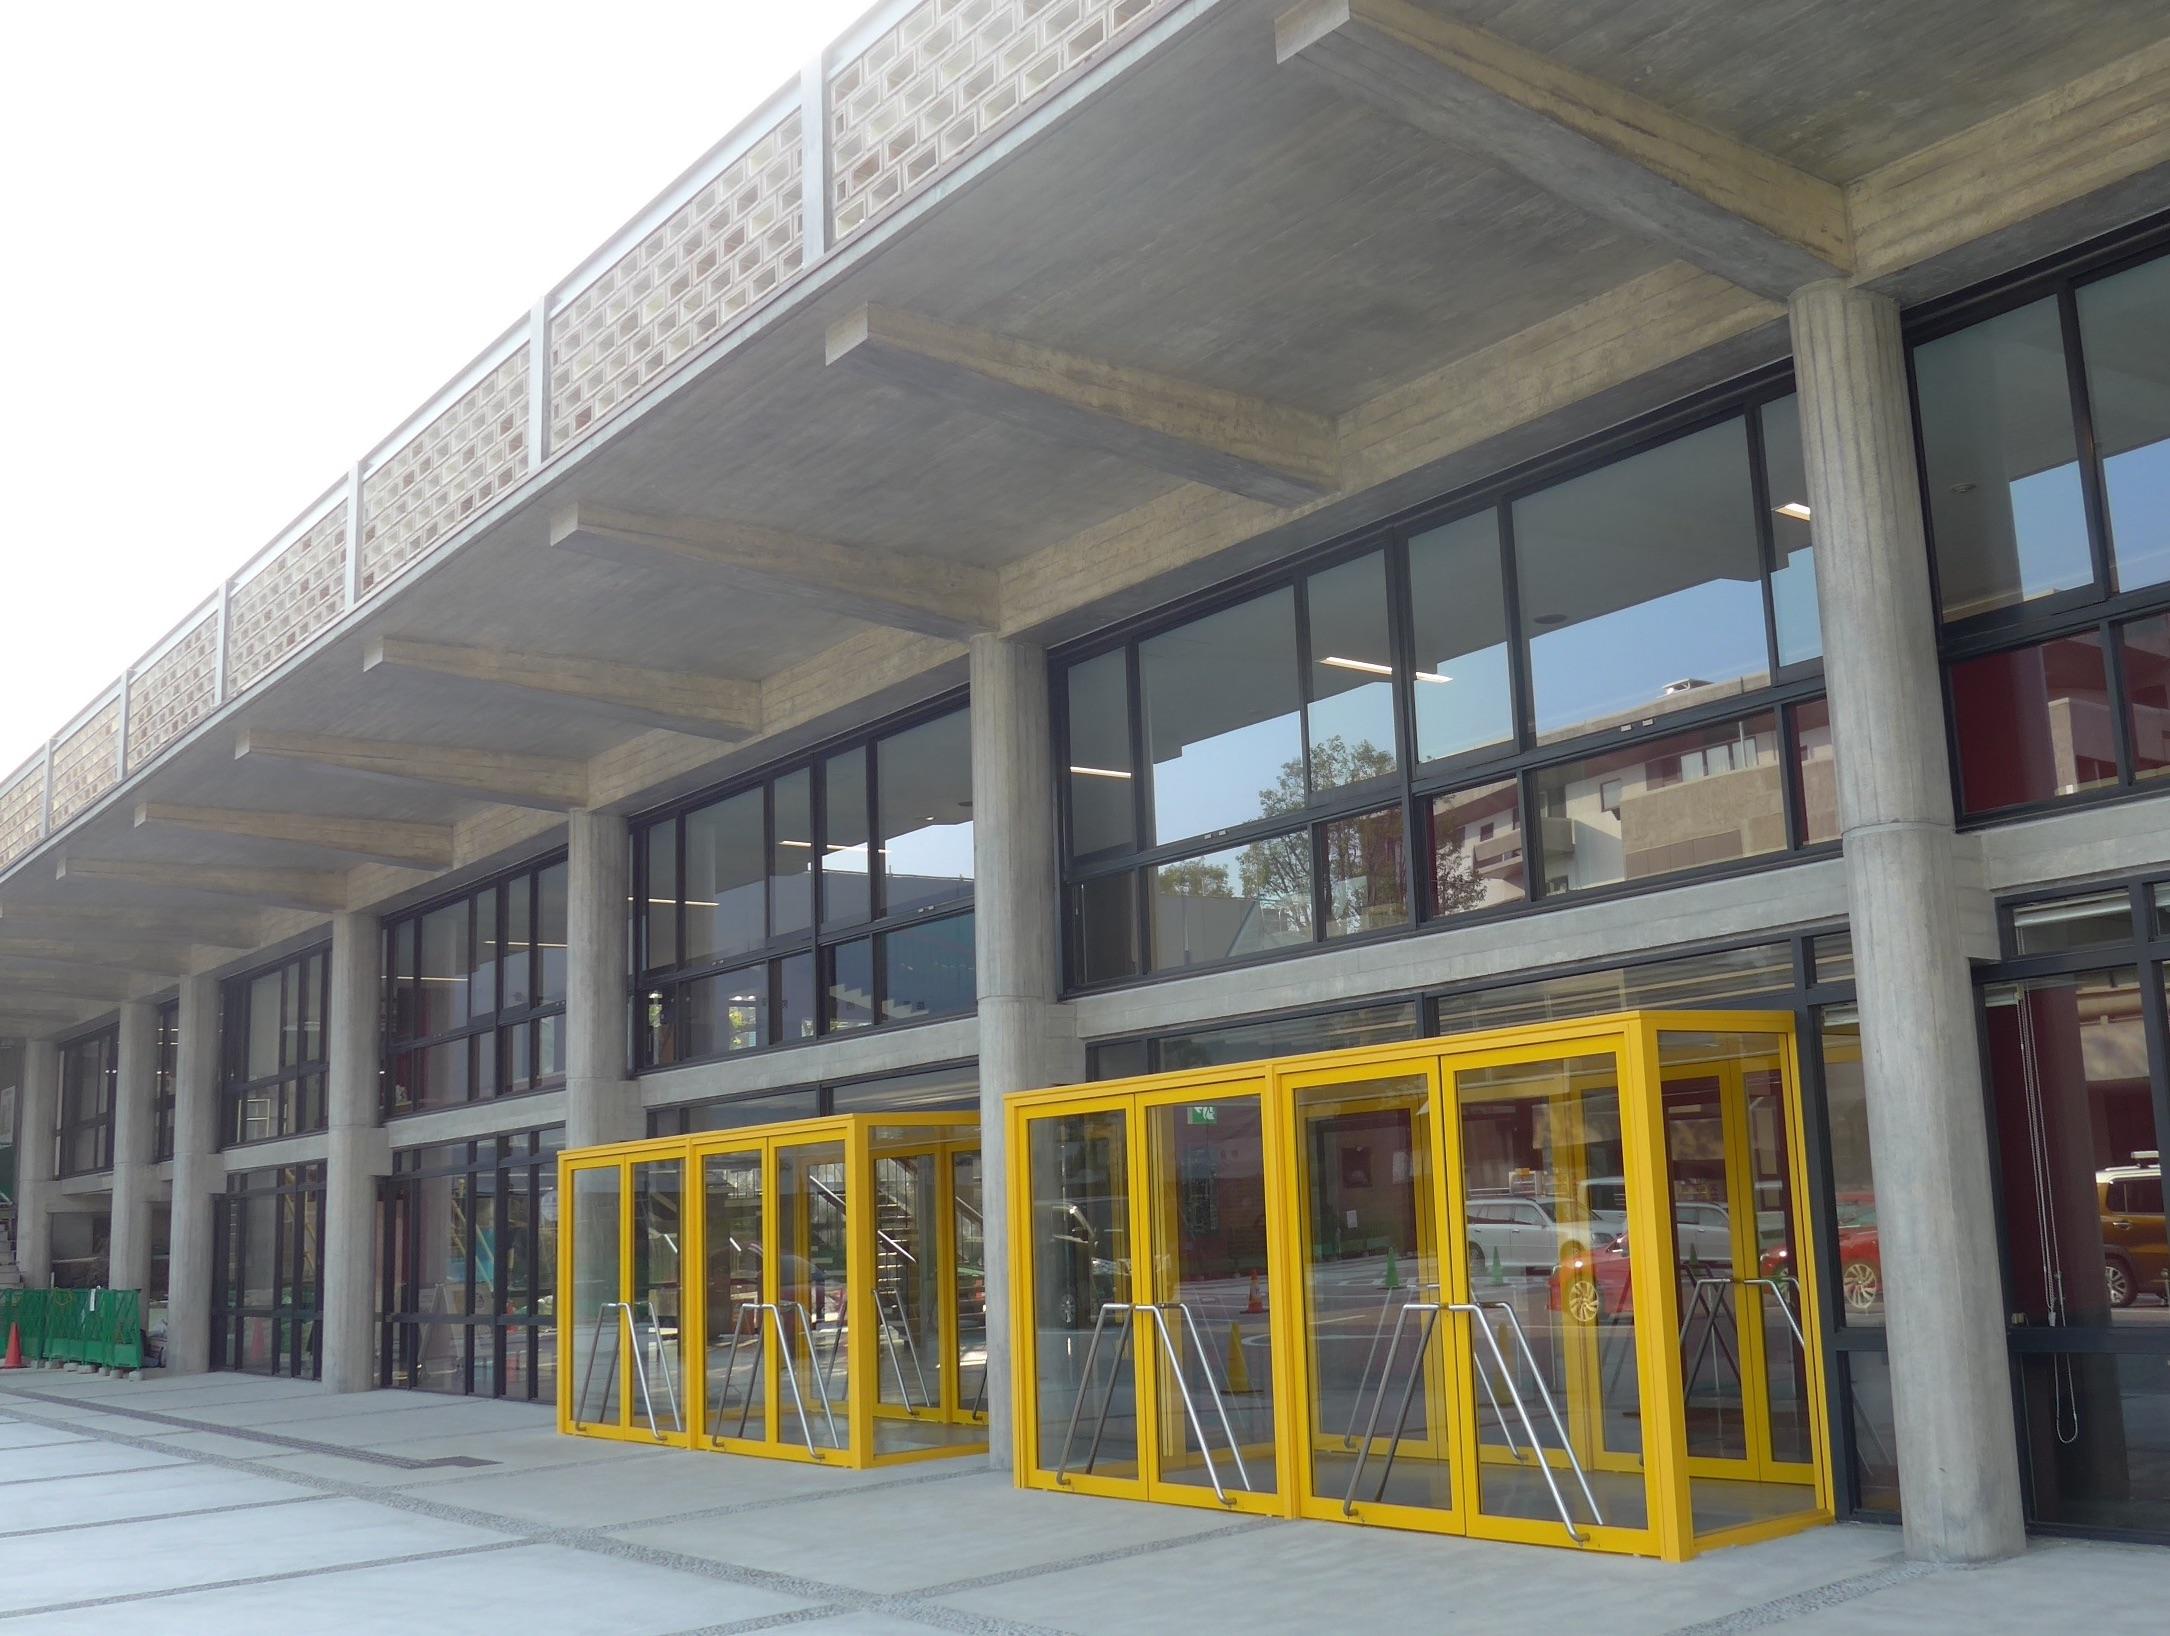 好聽!好看!在縣立音樂廳欣賞前川建築的現代主義